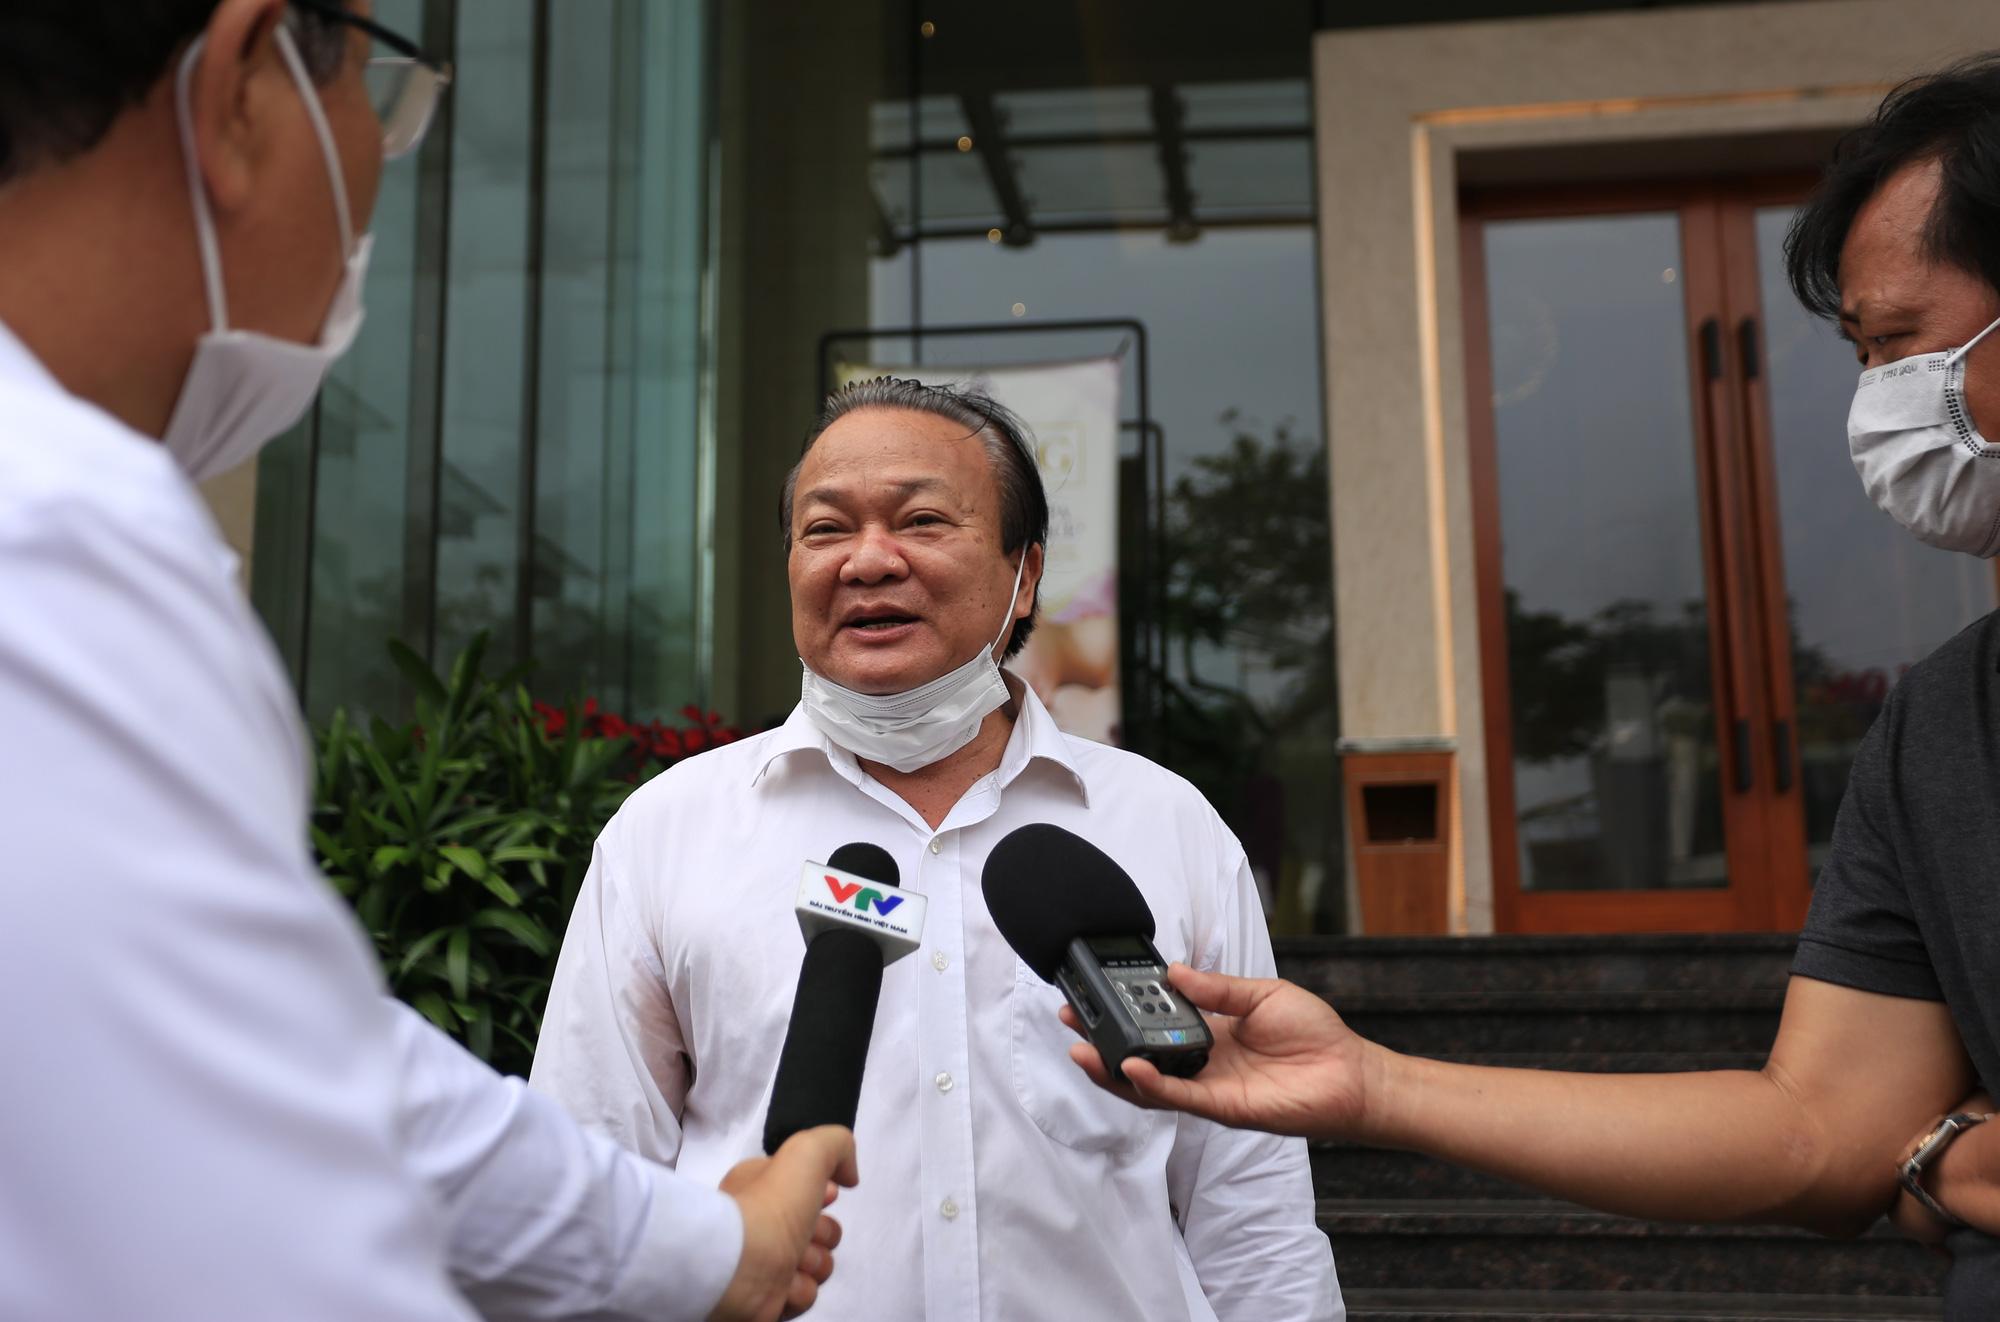 Du khách nước ngoài vui mừng rời khu cách ly ở Đà Nẵng: Cảm ơn các bạn và chúng tôi sẽ quay lại vào một ngày thuận lợi hơn - Ảnh 7.